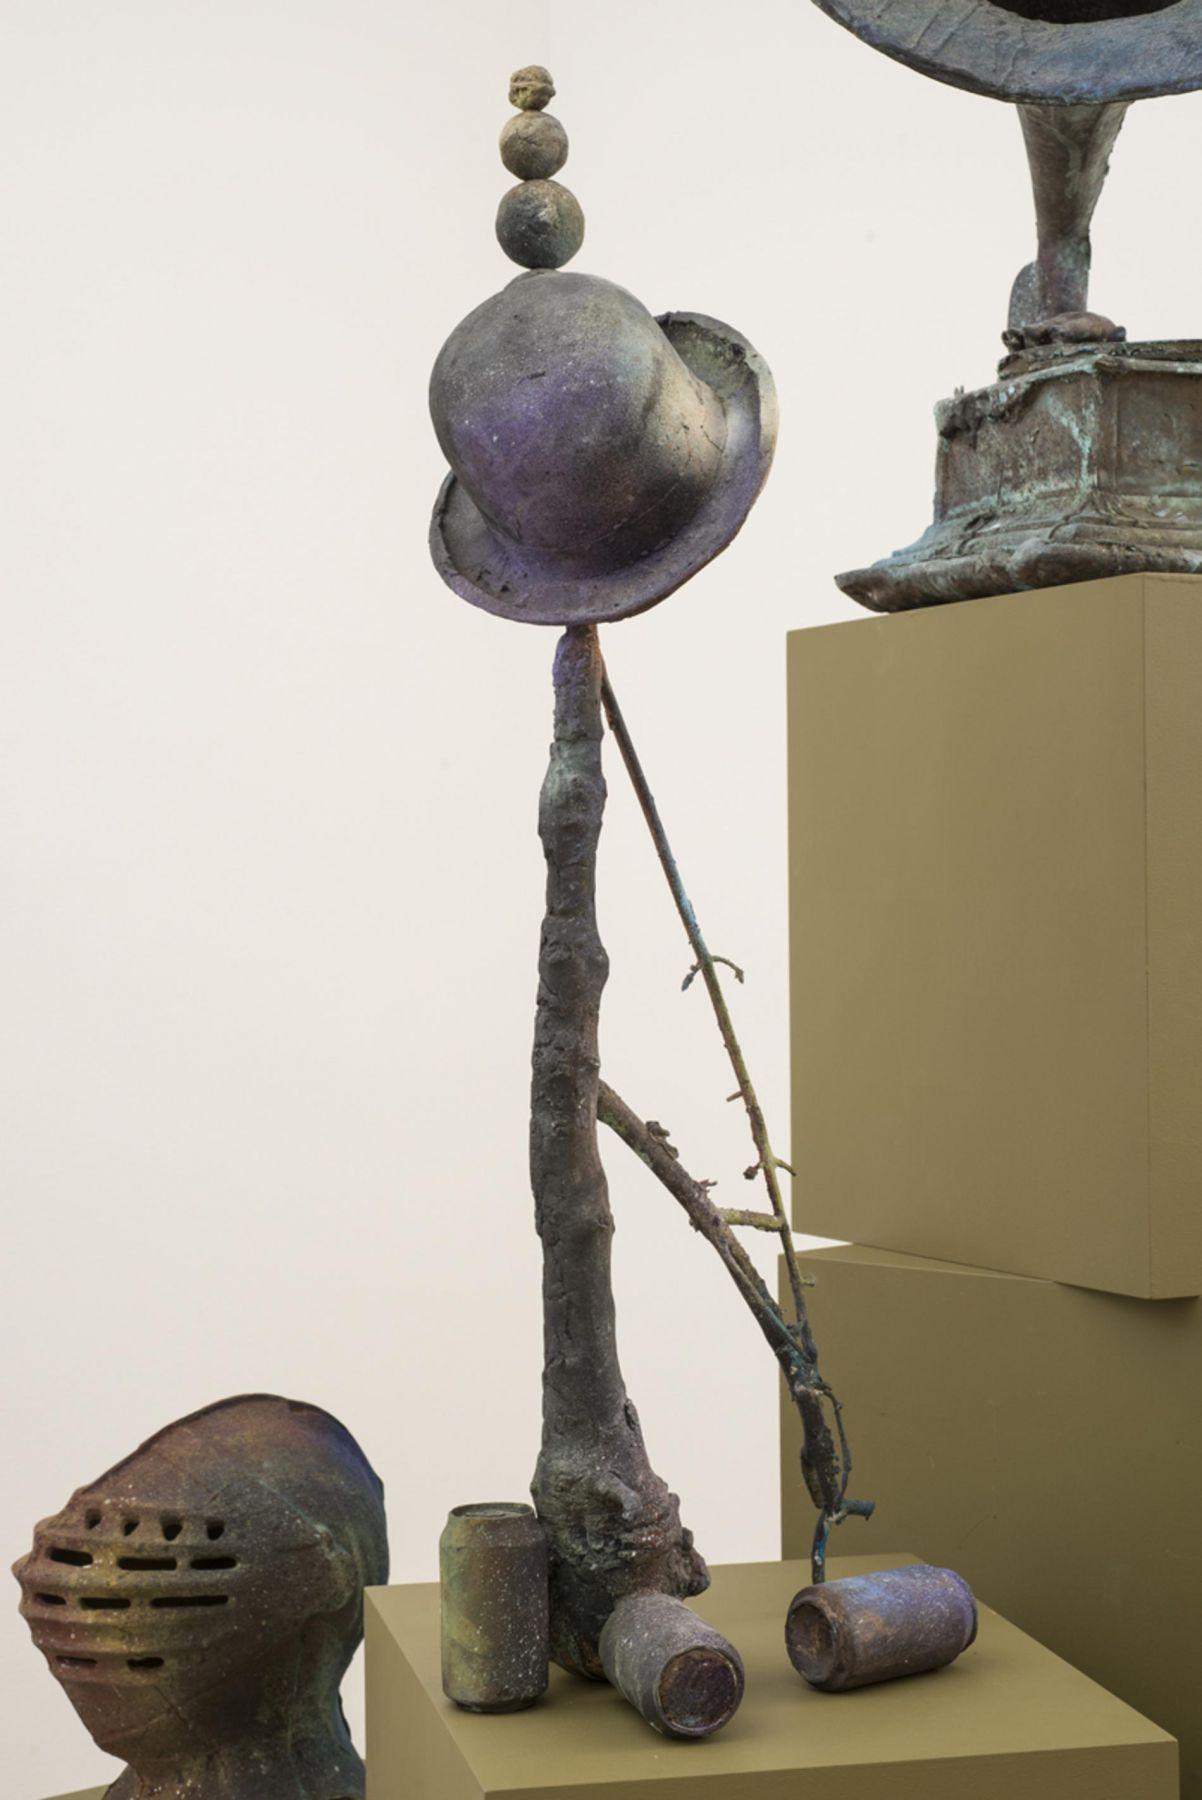 , FOLKERT DE JONGThe Trumps Major II,2014Patinated bronze43 1/4 x 15 11/16 x 11 3/4 in. (110 x 40 x 30 cm) Edition of 3